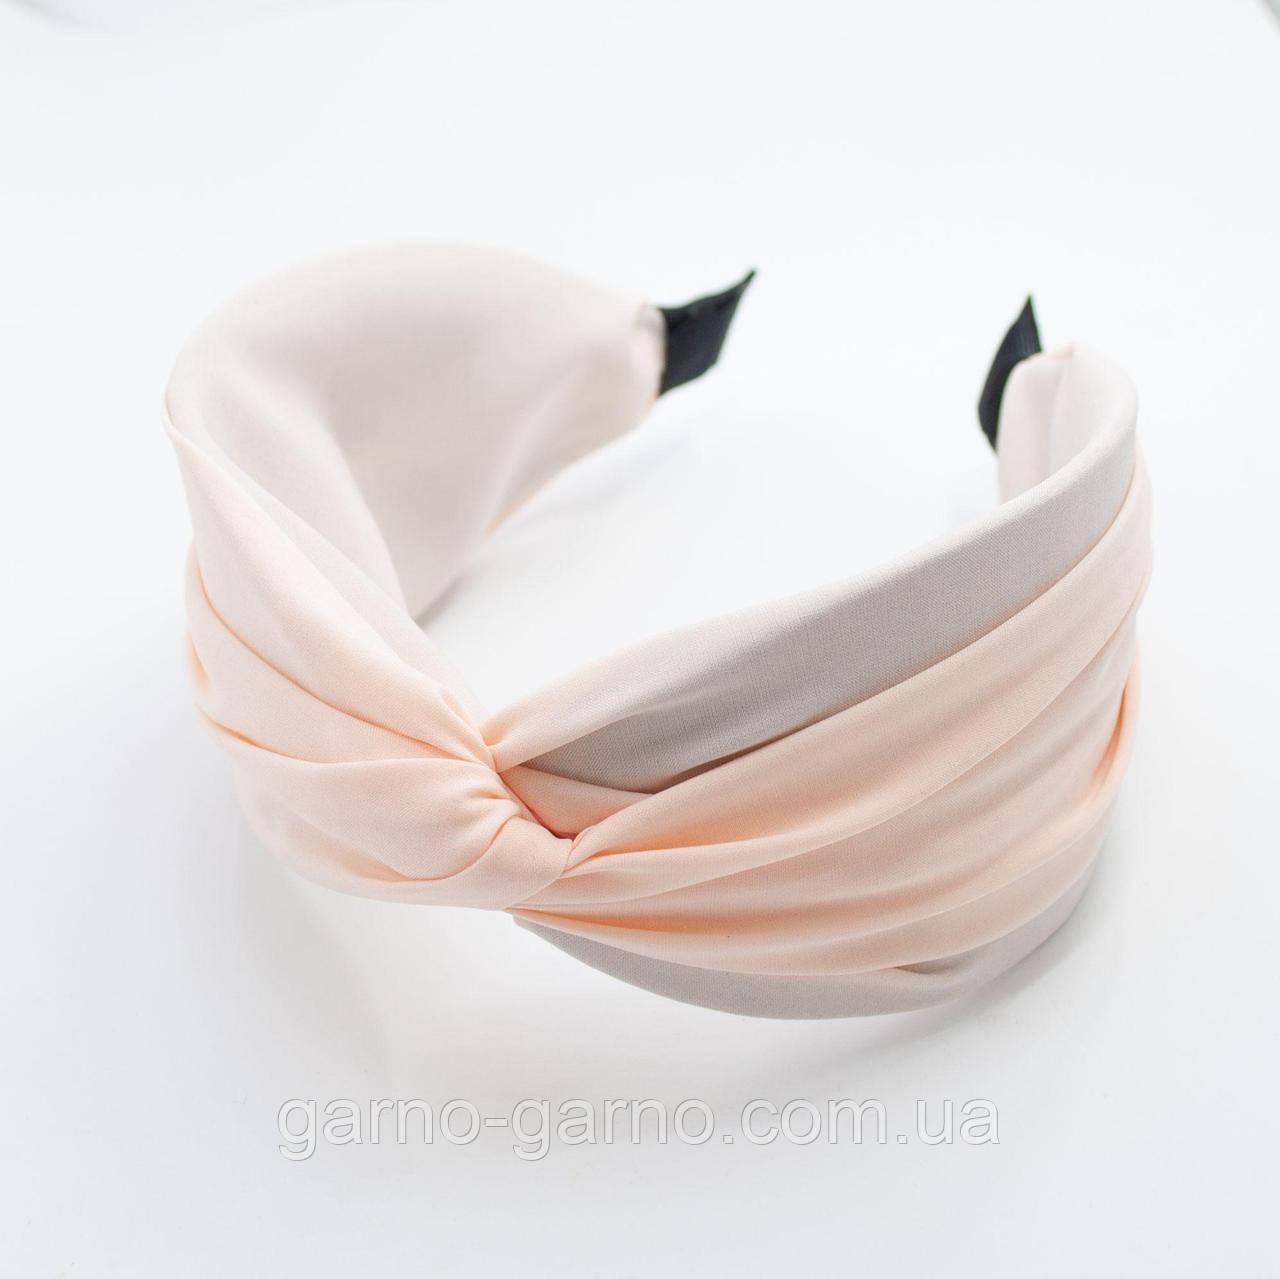 Обідок модний з вузликом обруч Чалма текстиль колір персиковий колір однотонний широкий